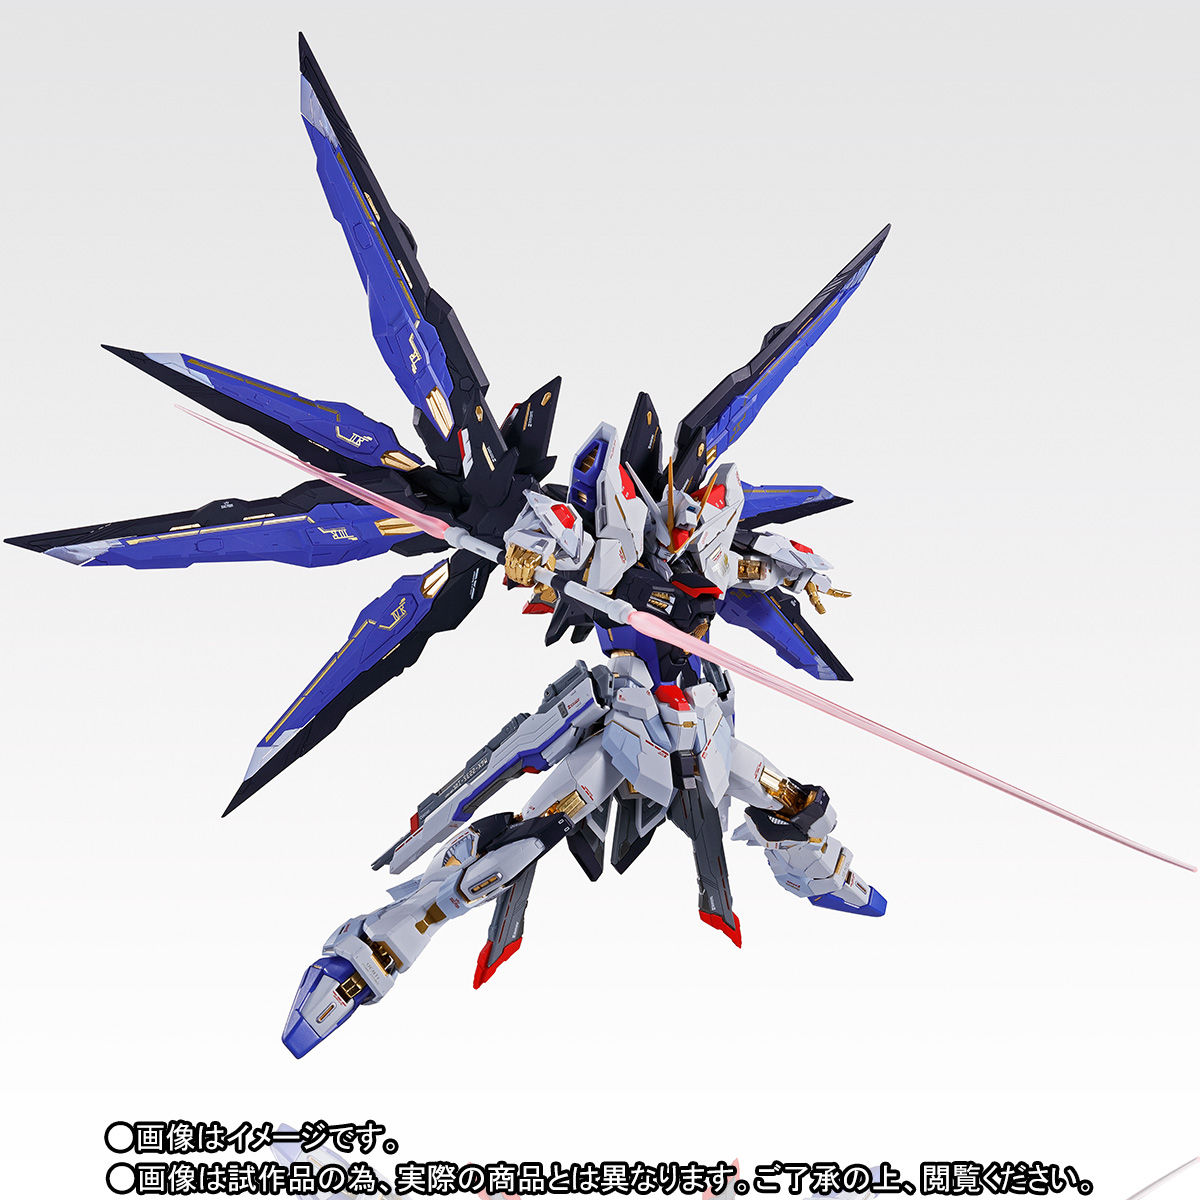 【抽選販売】METAL BUILD『ストライクフリーダムガンダム SOUL BLUE Ver.』機動戦士ガンダムSEED DESTINY 可動フィギュア-003